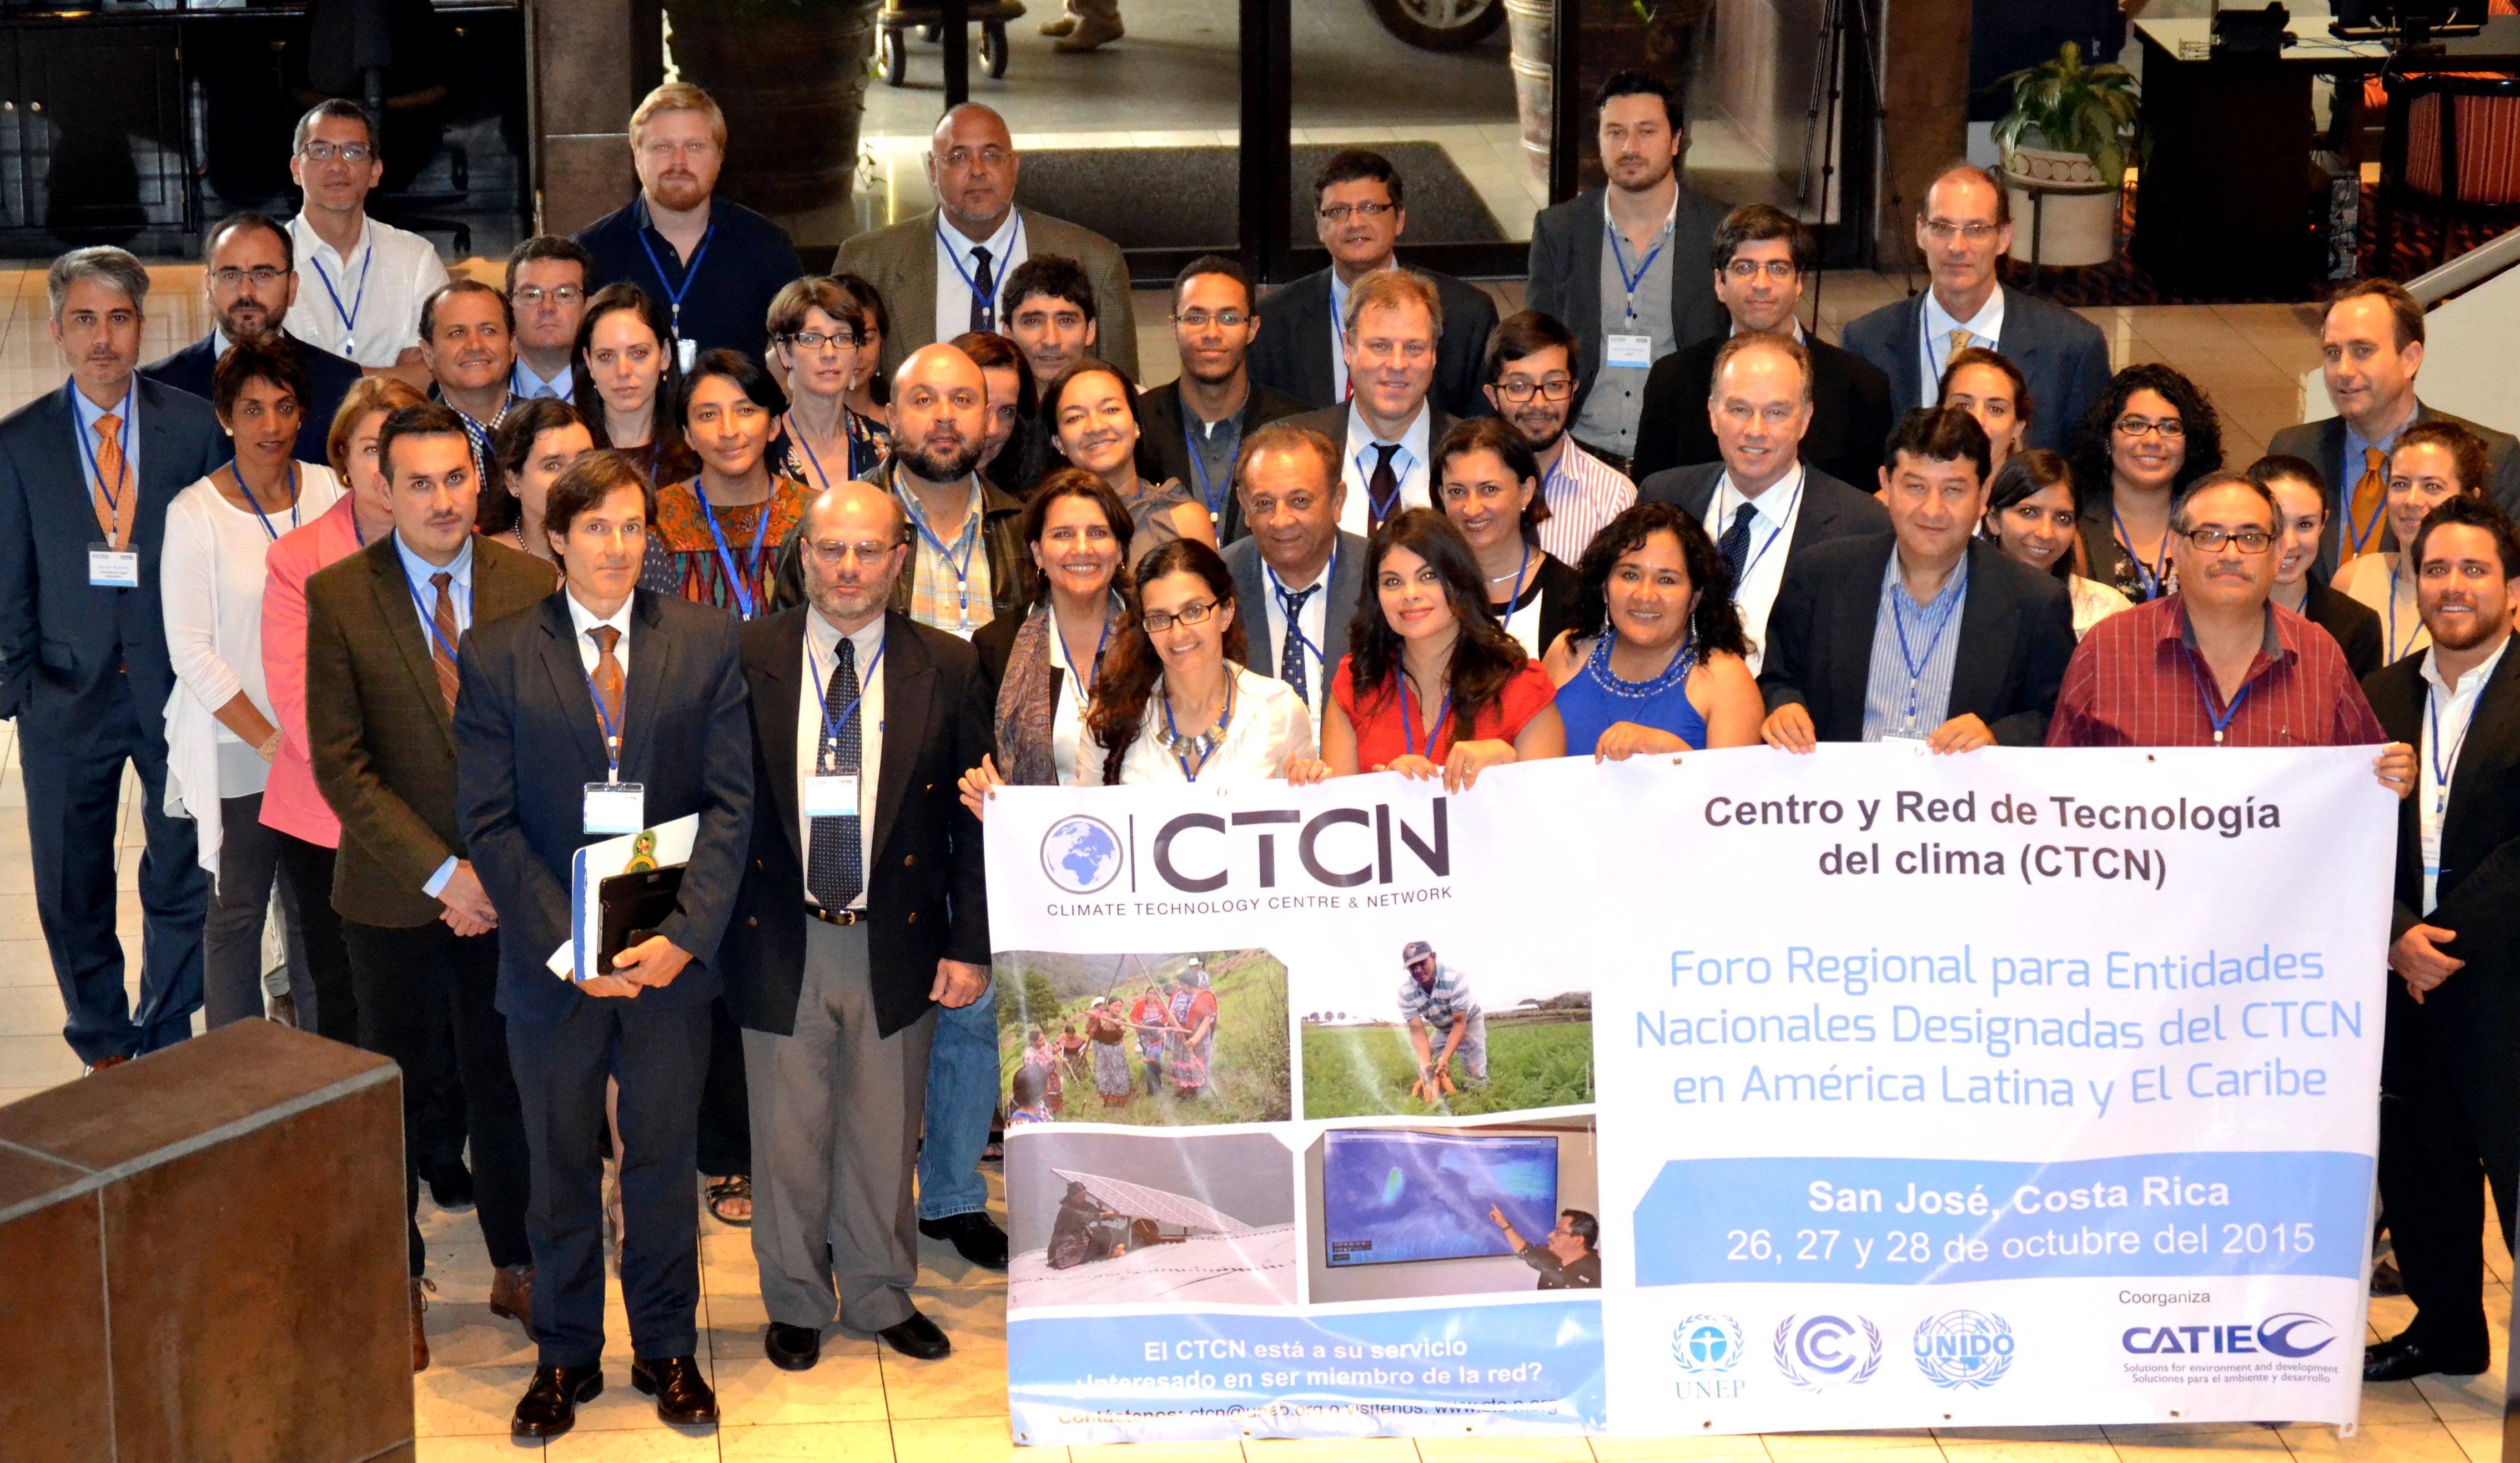 Foto de grupo foro regional ctcn.jpg